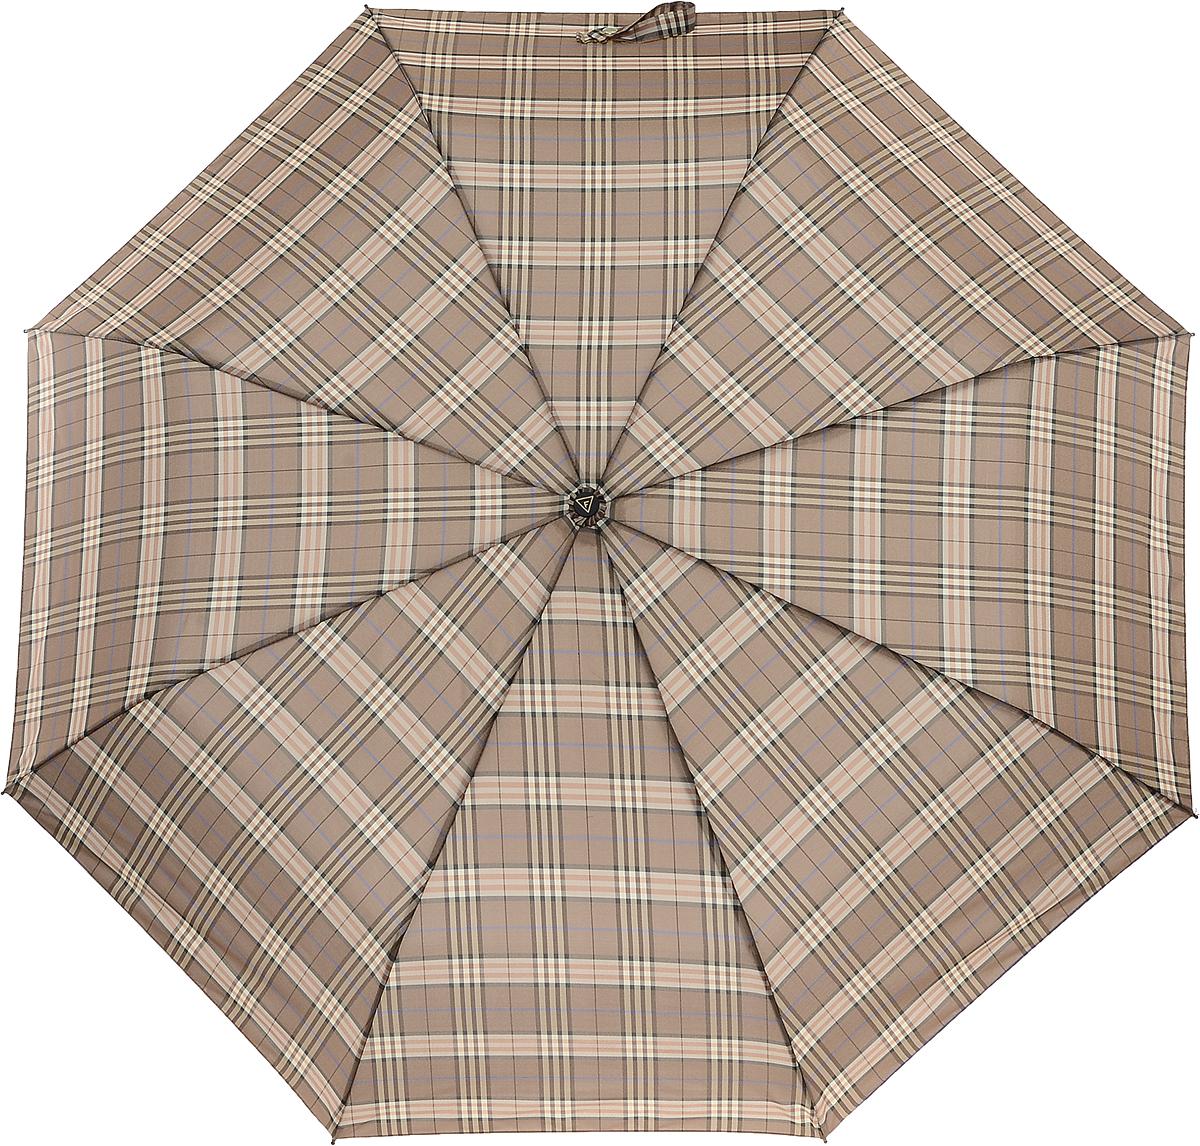 Зонт женский Fabretti, цвет: бежевый. FCH-645102176/33205/7900XКлассический зонт - полный автомат от итальянского бренда Fabretti. Материал купола - эпонж, обладает высокой прочностью и износостойкостью. Вода на куполе из такого материала скатывается каплями вниз, а не впитывается, на нем практически не видны следы изгибов. Эргономичная ручка сделана из высококачественного пластика-полиуретана с противоскользящей обработкой.